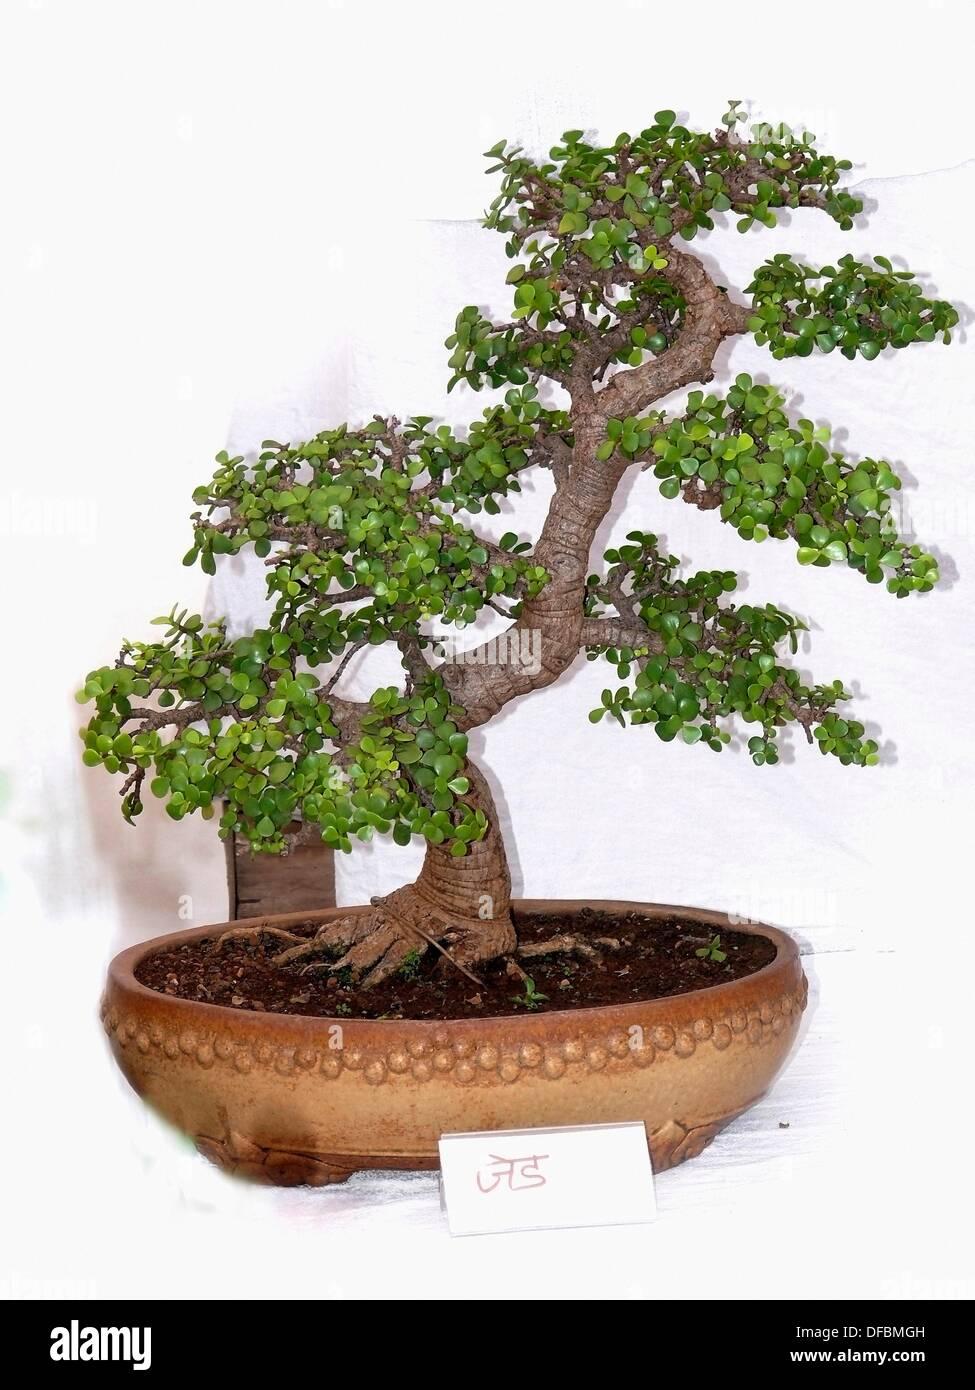 bonsai baum garten bonsai baum garten bonsai baum garten neuesten design bonsai baum garten. Black Bedroom Furniture Sets. Home Design Ideas